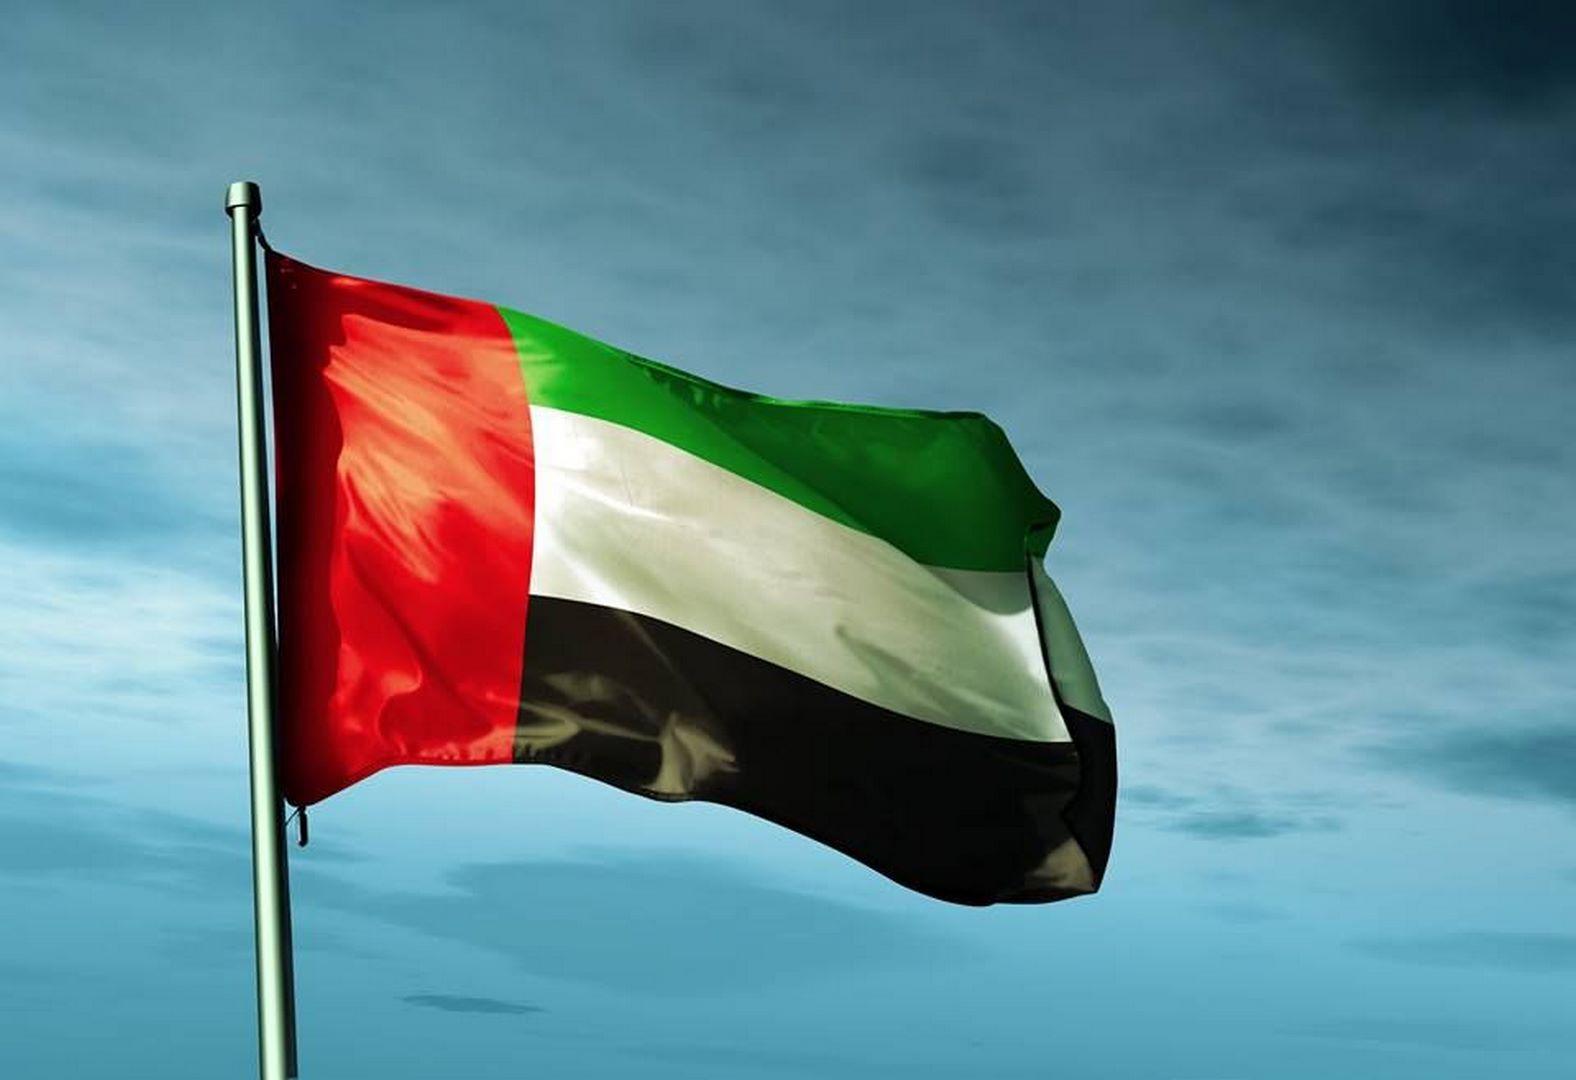 الإمارات تؤكد خلال جلسة لمجلس الأمن الدولي أهمية التعايش السلمي والتسامح من أجل السلام